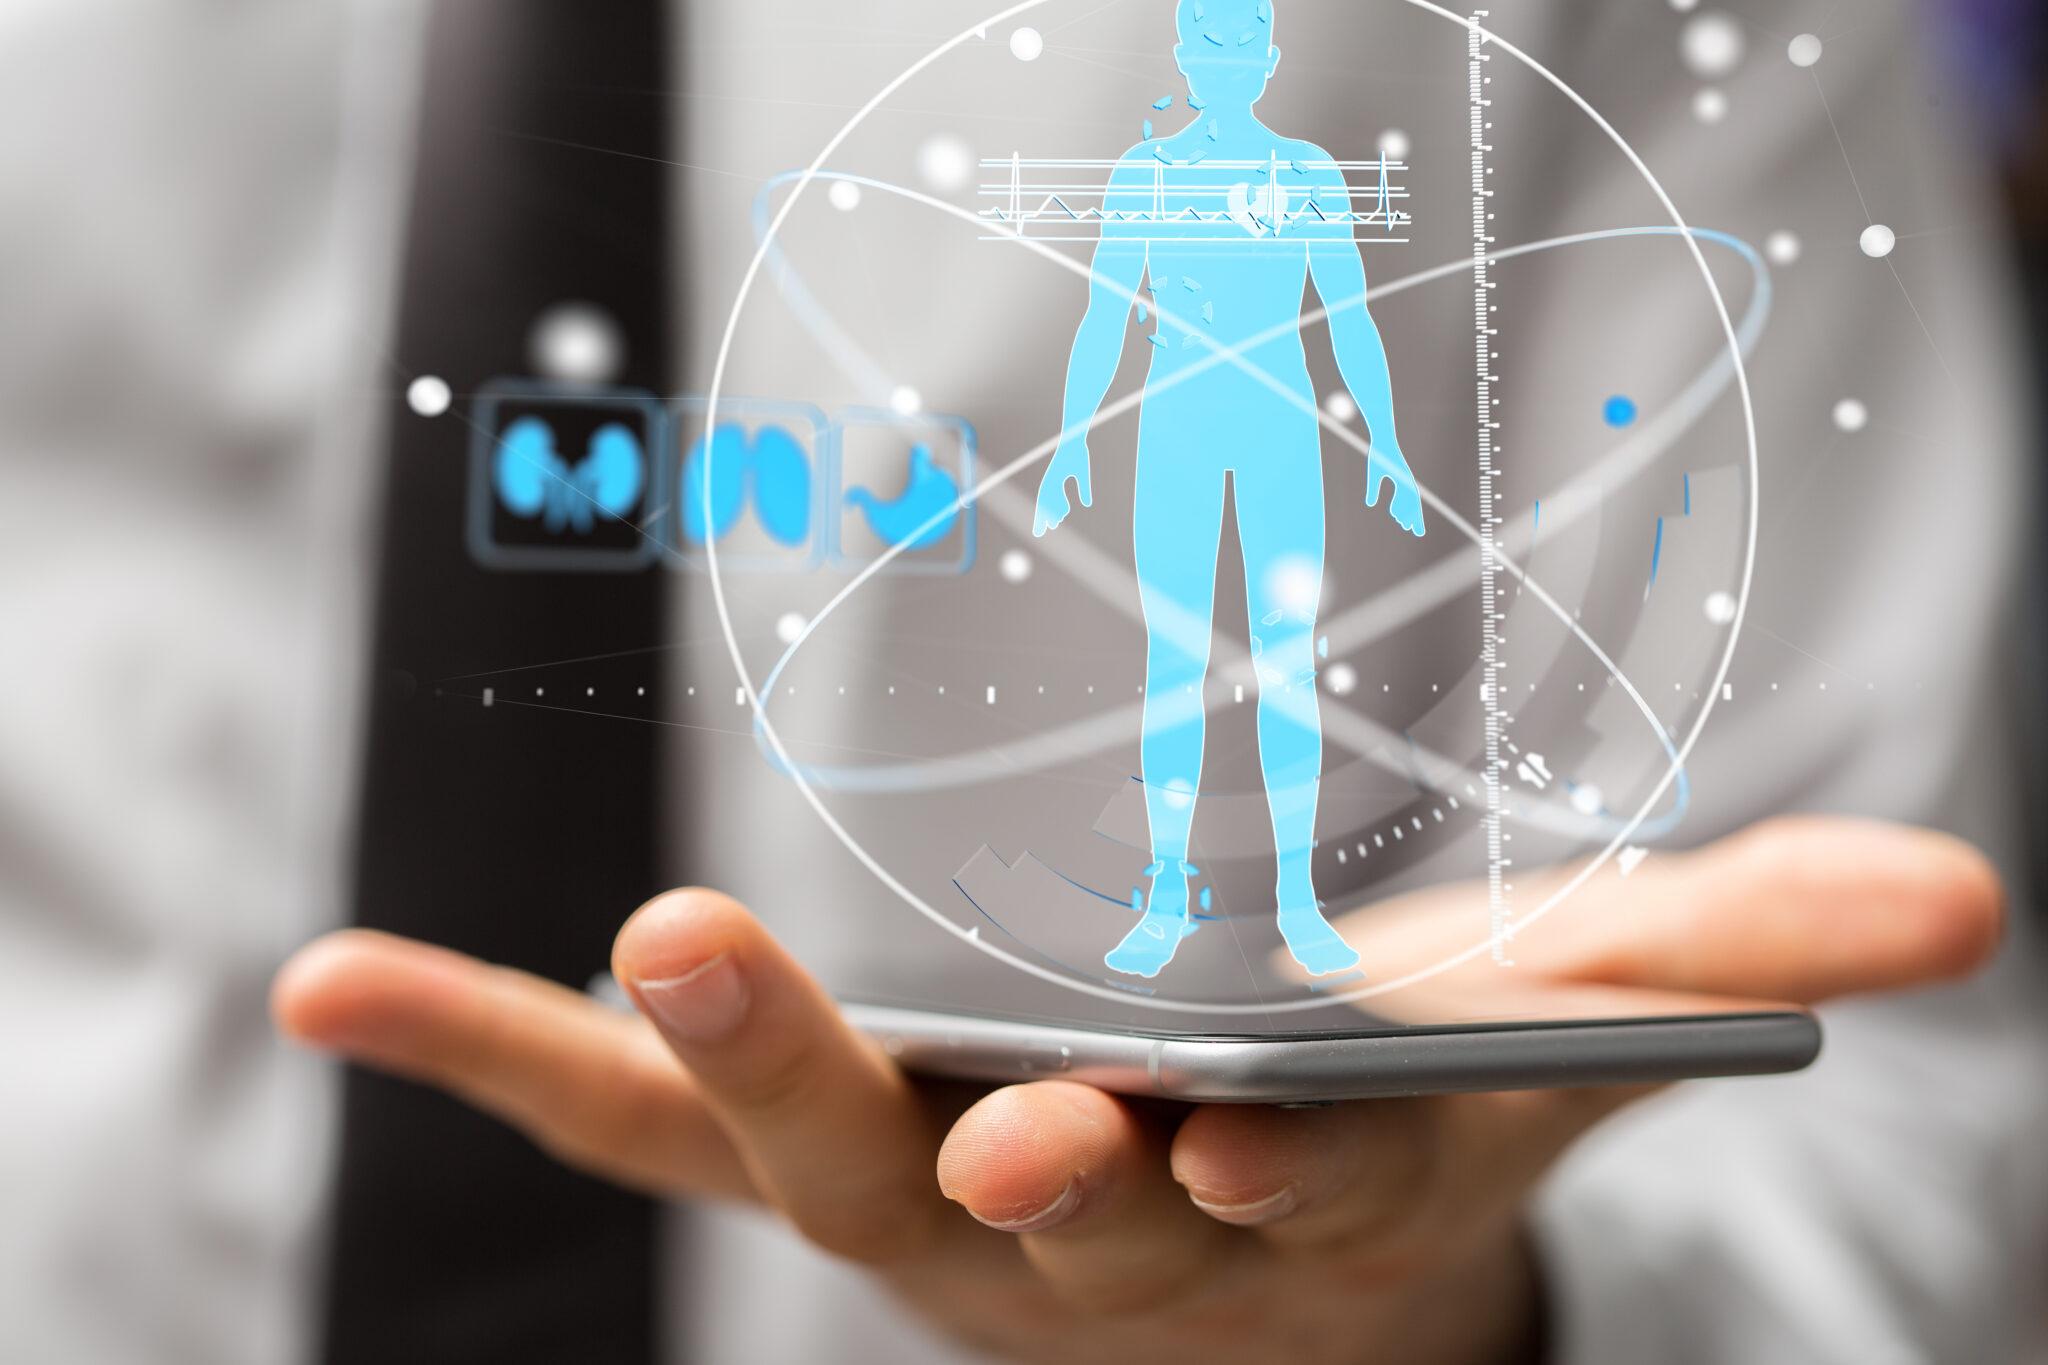 L'IA et la santé : quels enjeux juridiques et éthiques ?